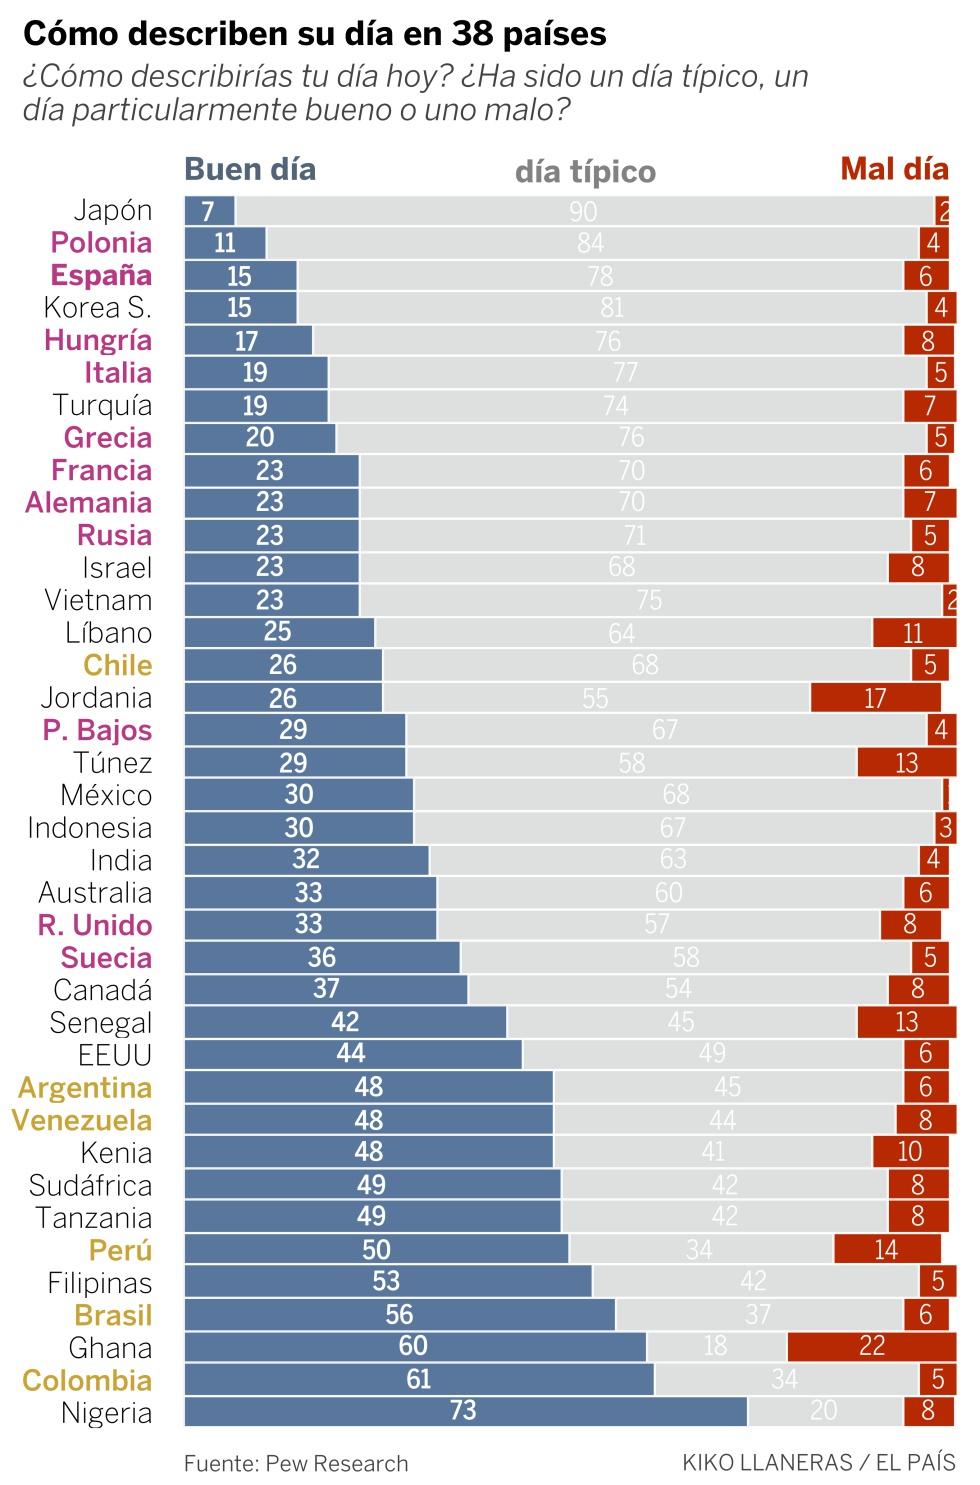 ¿Cómo describirías tu día hoy? Los países más positivos no son los que crees